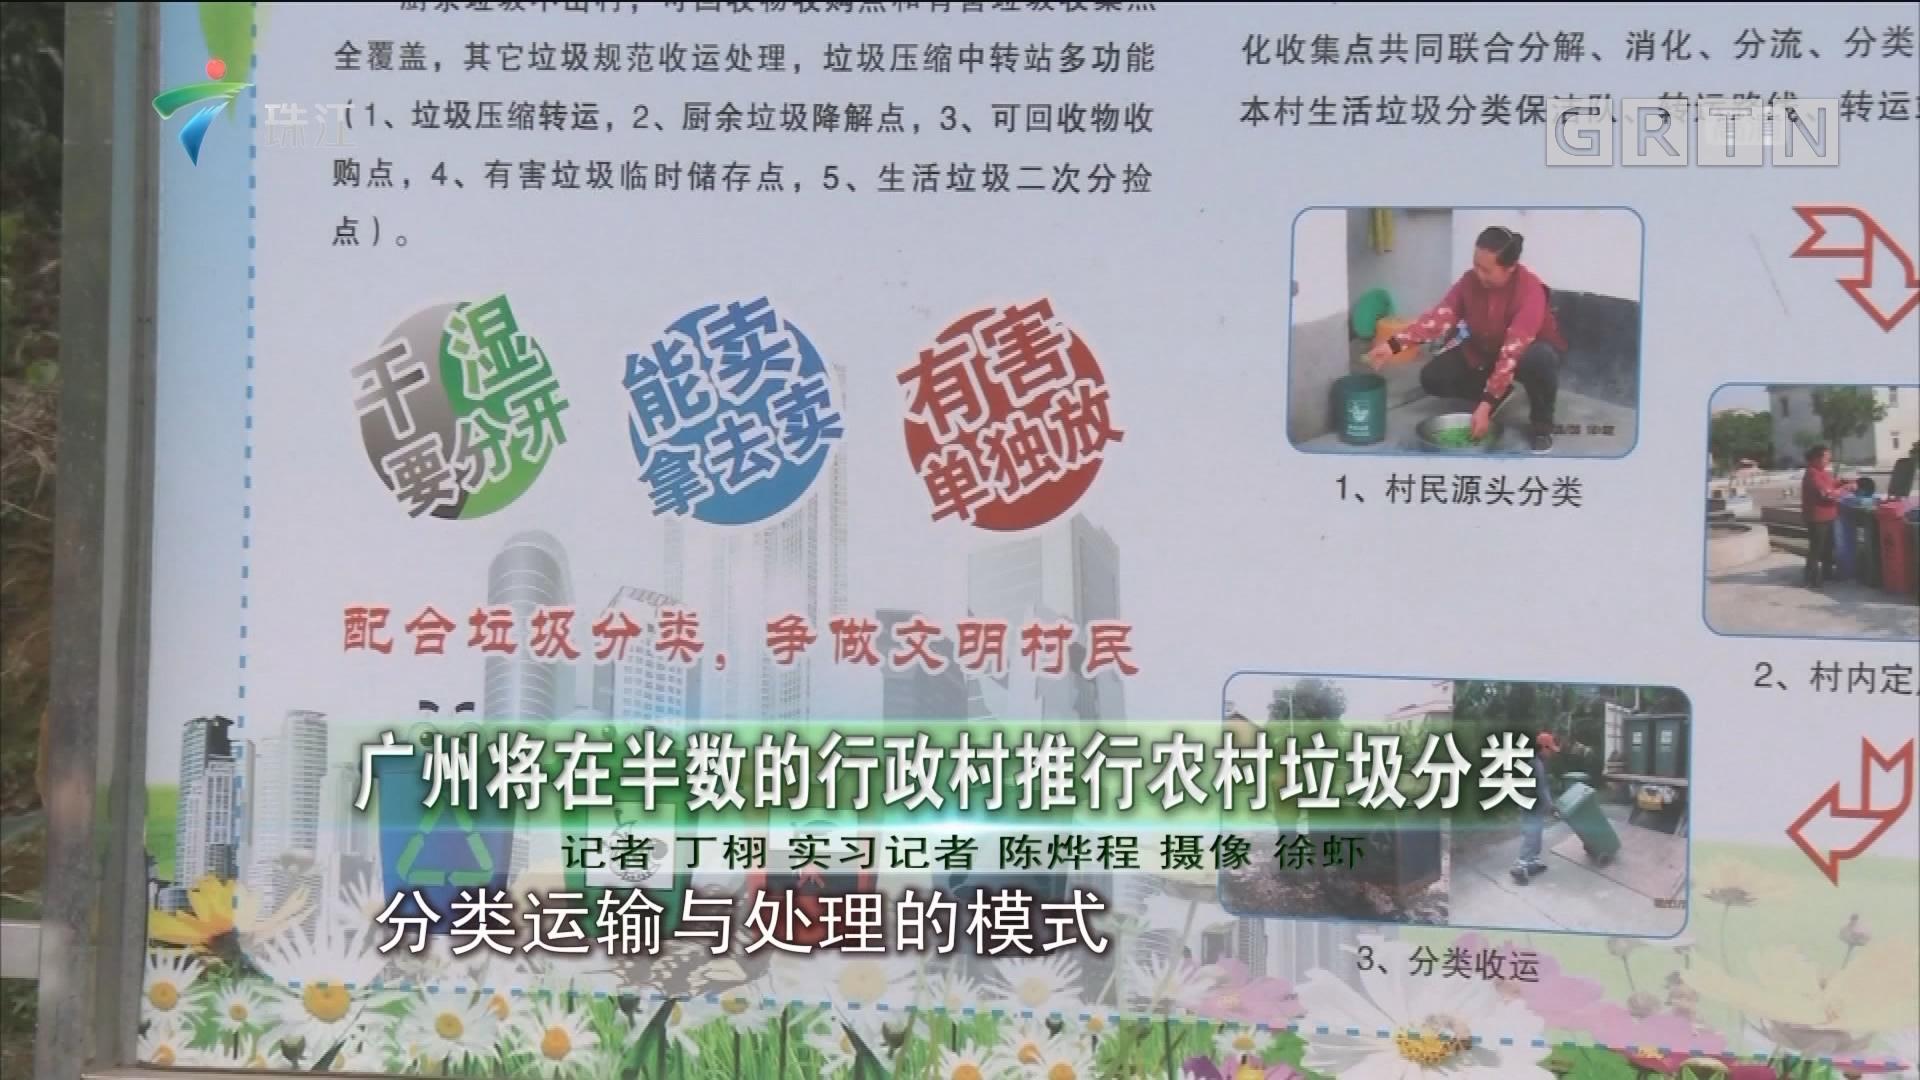 广州将在半数的行政村推行农村垃圾分类